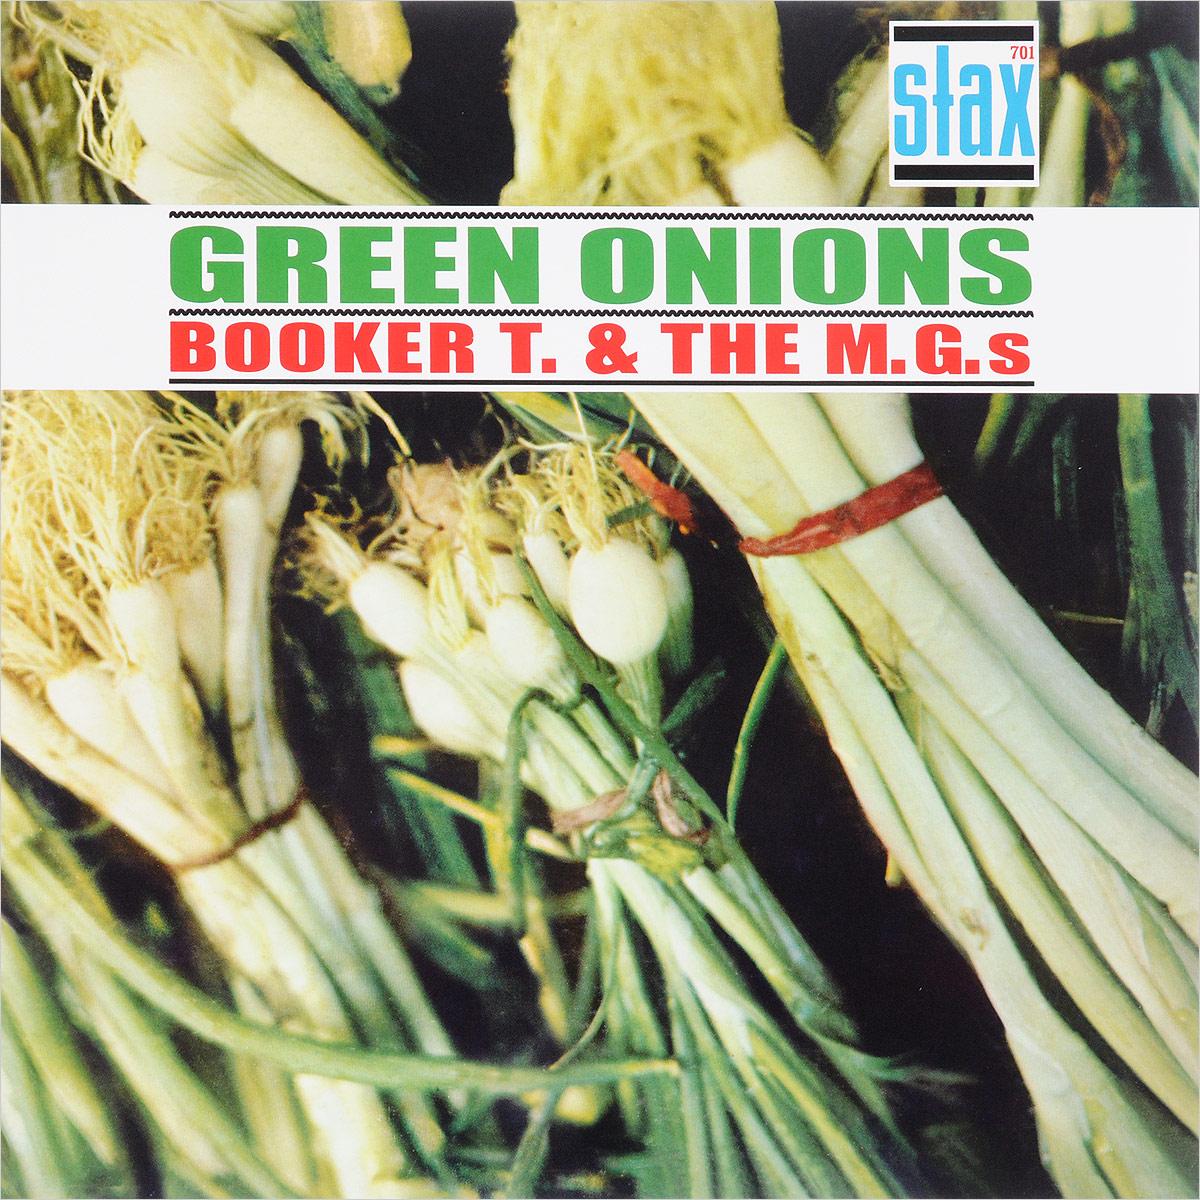 Booker T. & the M.G.'s Booker T. & The M.G.'s. Green Onions (LP) t s 450df